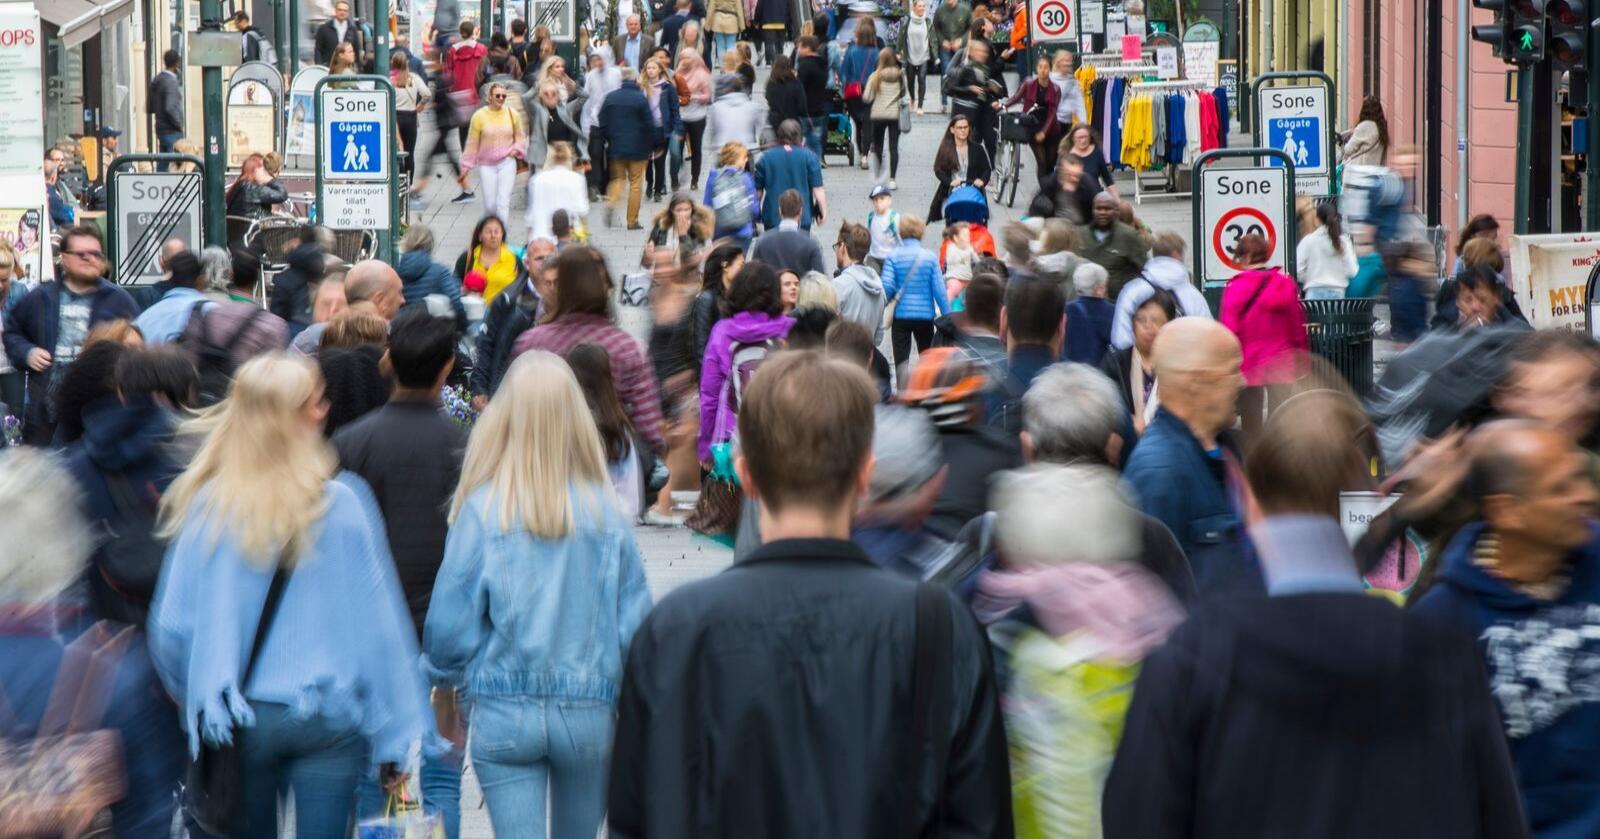 Det er byene som vil vokse, ifølge SSB. Bildet er tatt på Karl Johans gate i Oslo. Foto: Vidar Ruud / NTB scanpix